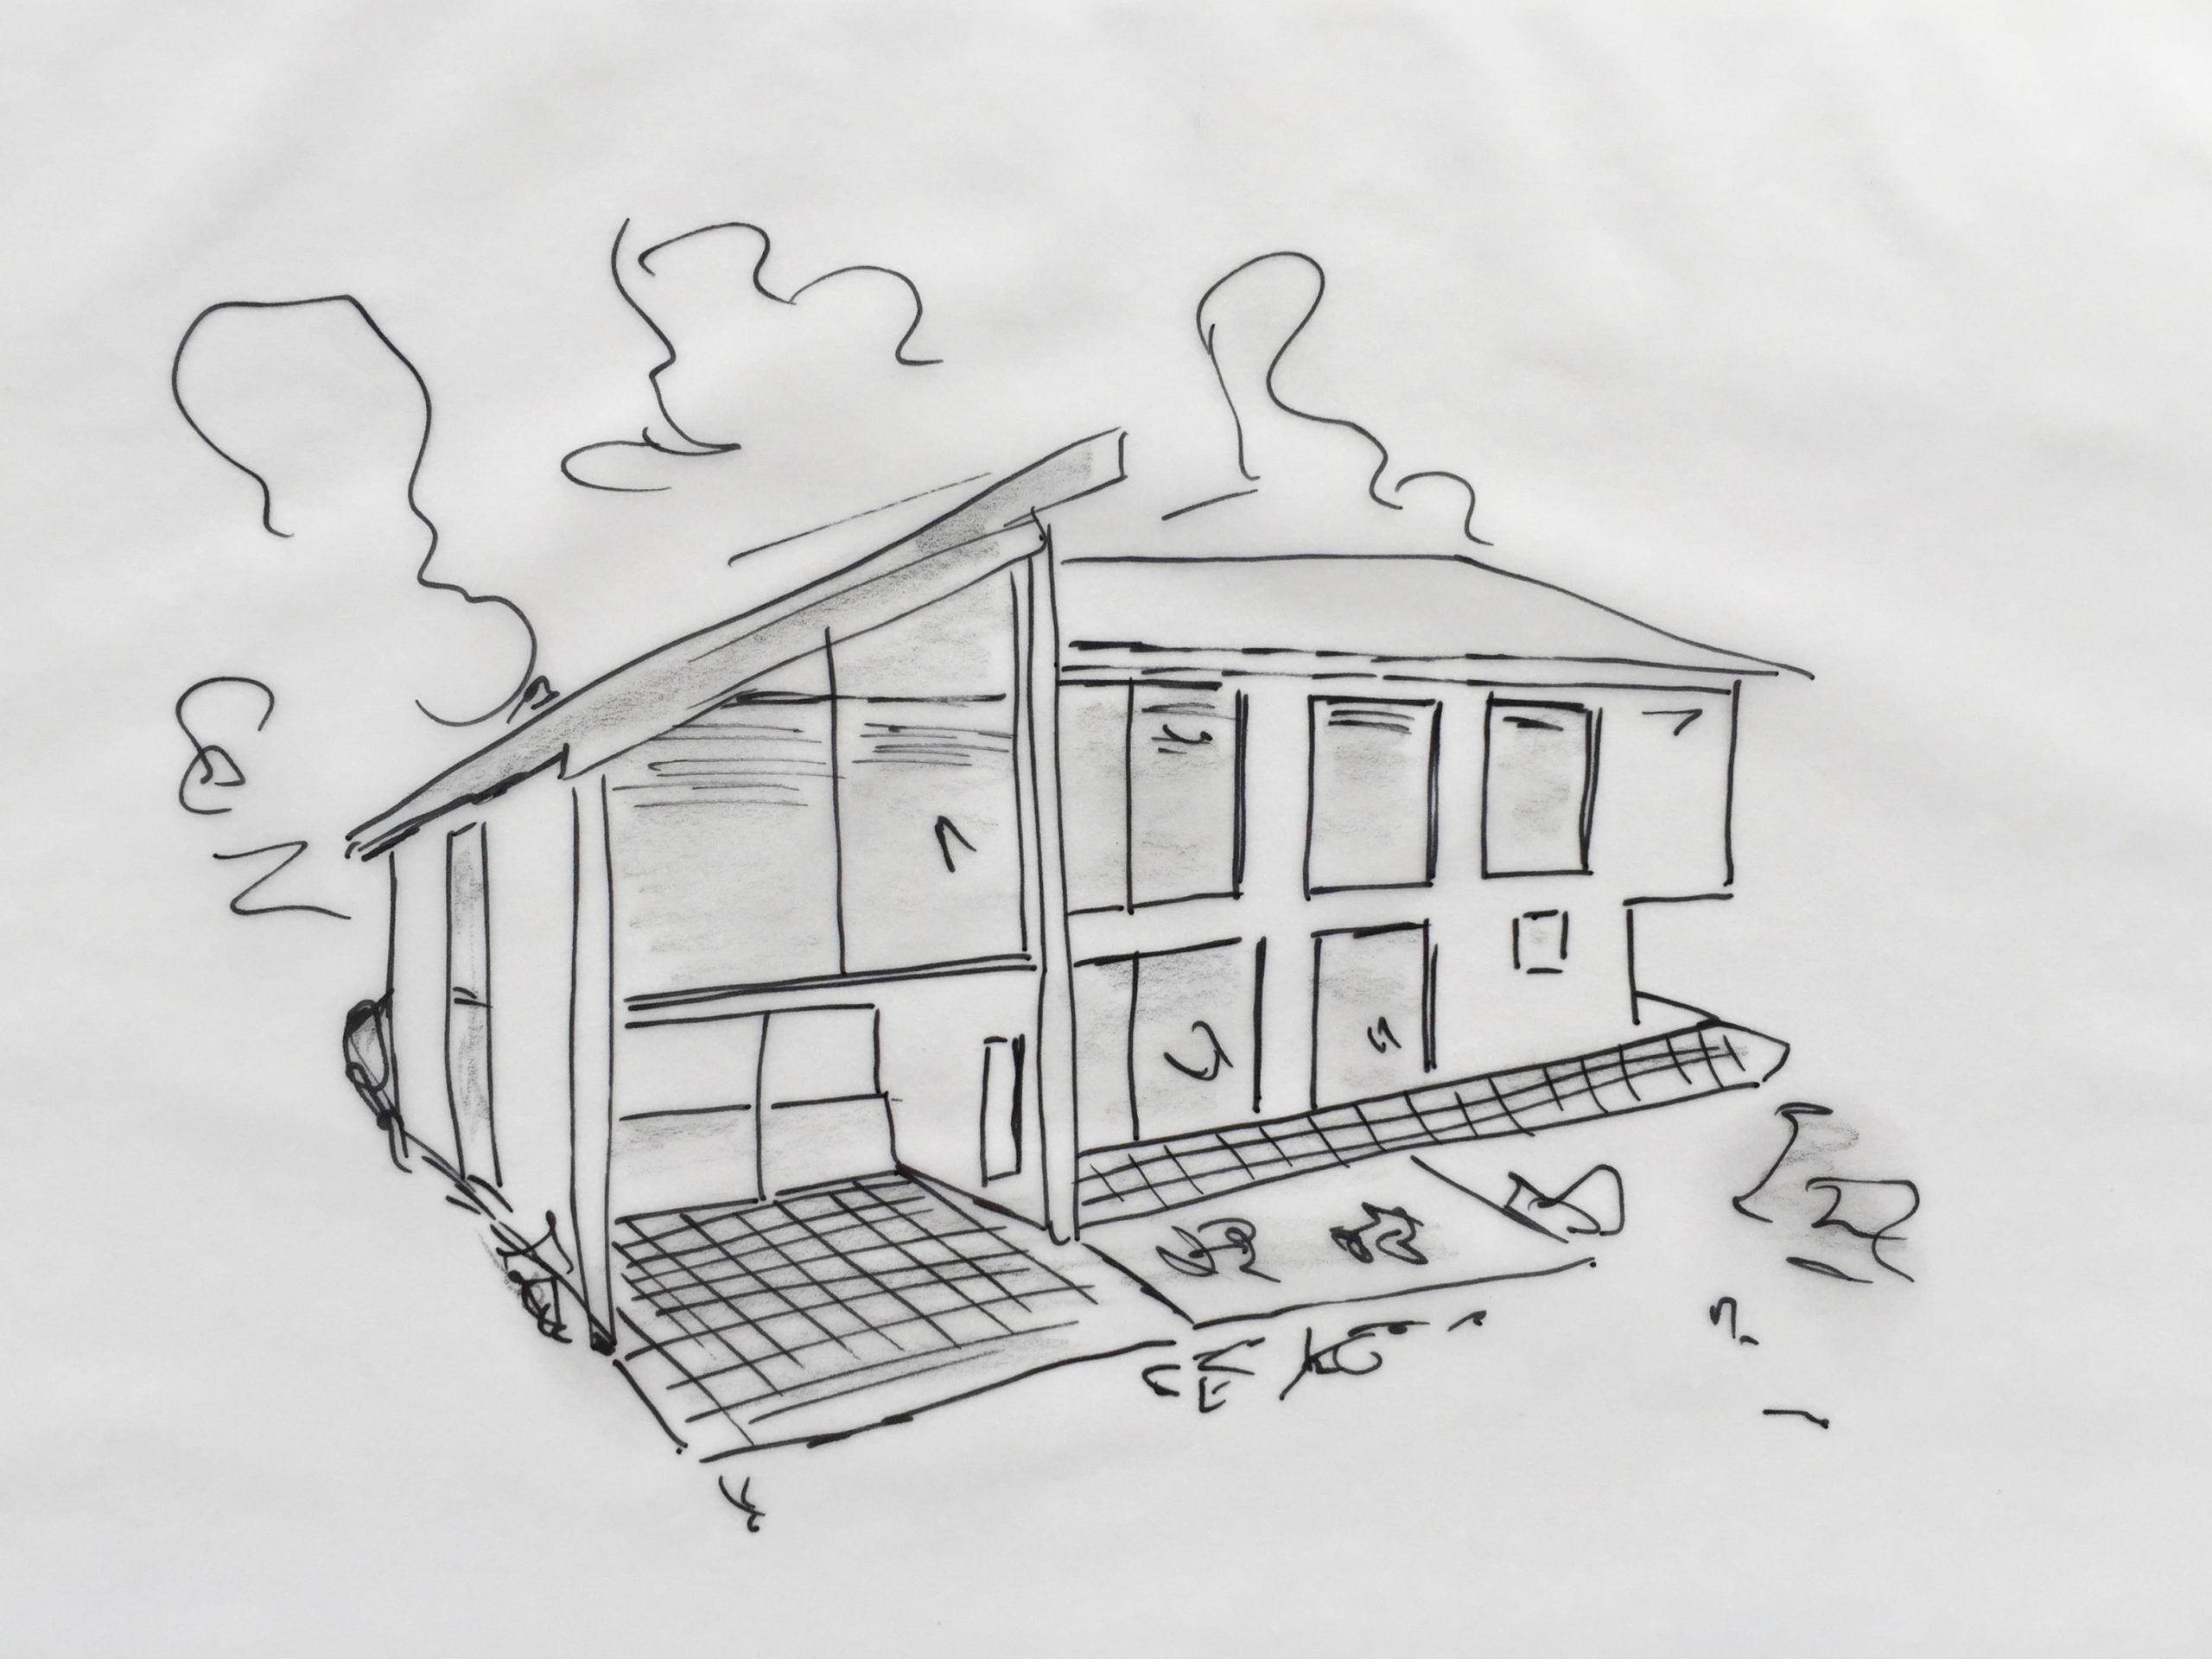 Skizze: Ein eigenes Haus bauen ist Präzisionsarbeit. Beim Grundriss und Raumaufteilung, aber auch der Finanzierungslösung kommt es auf die richtigen Dimensionen an.